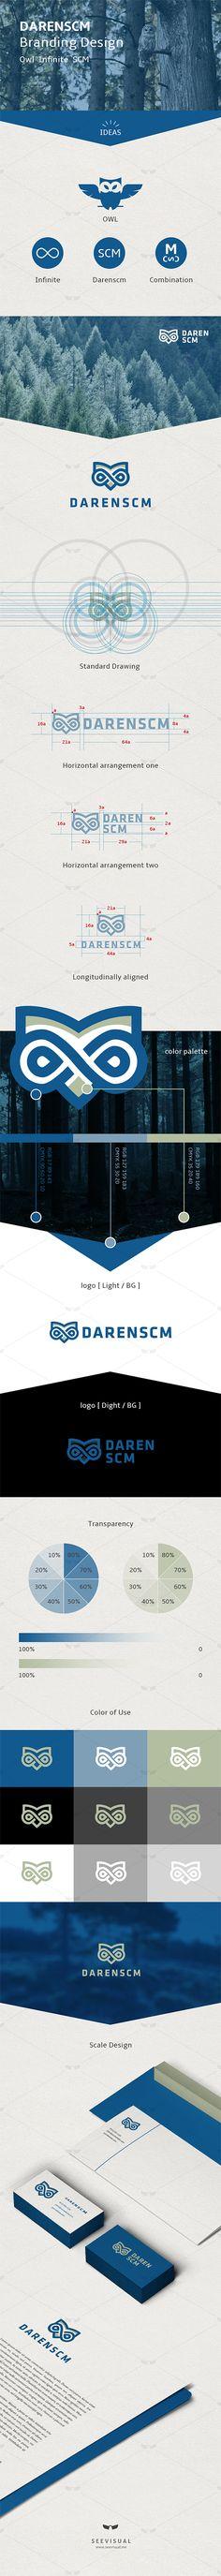 Branding for DarenSCM on Behance